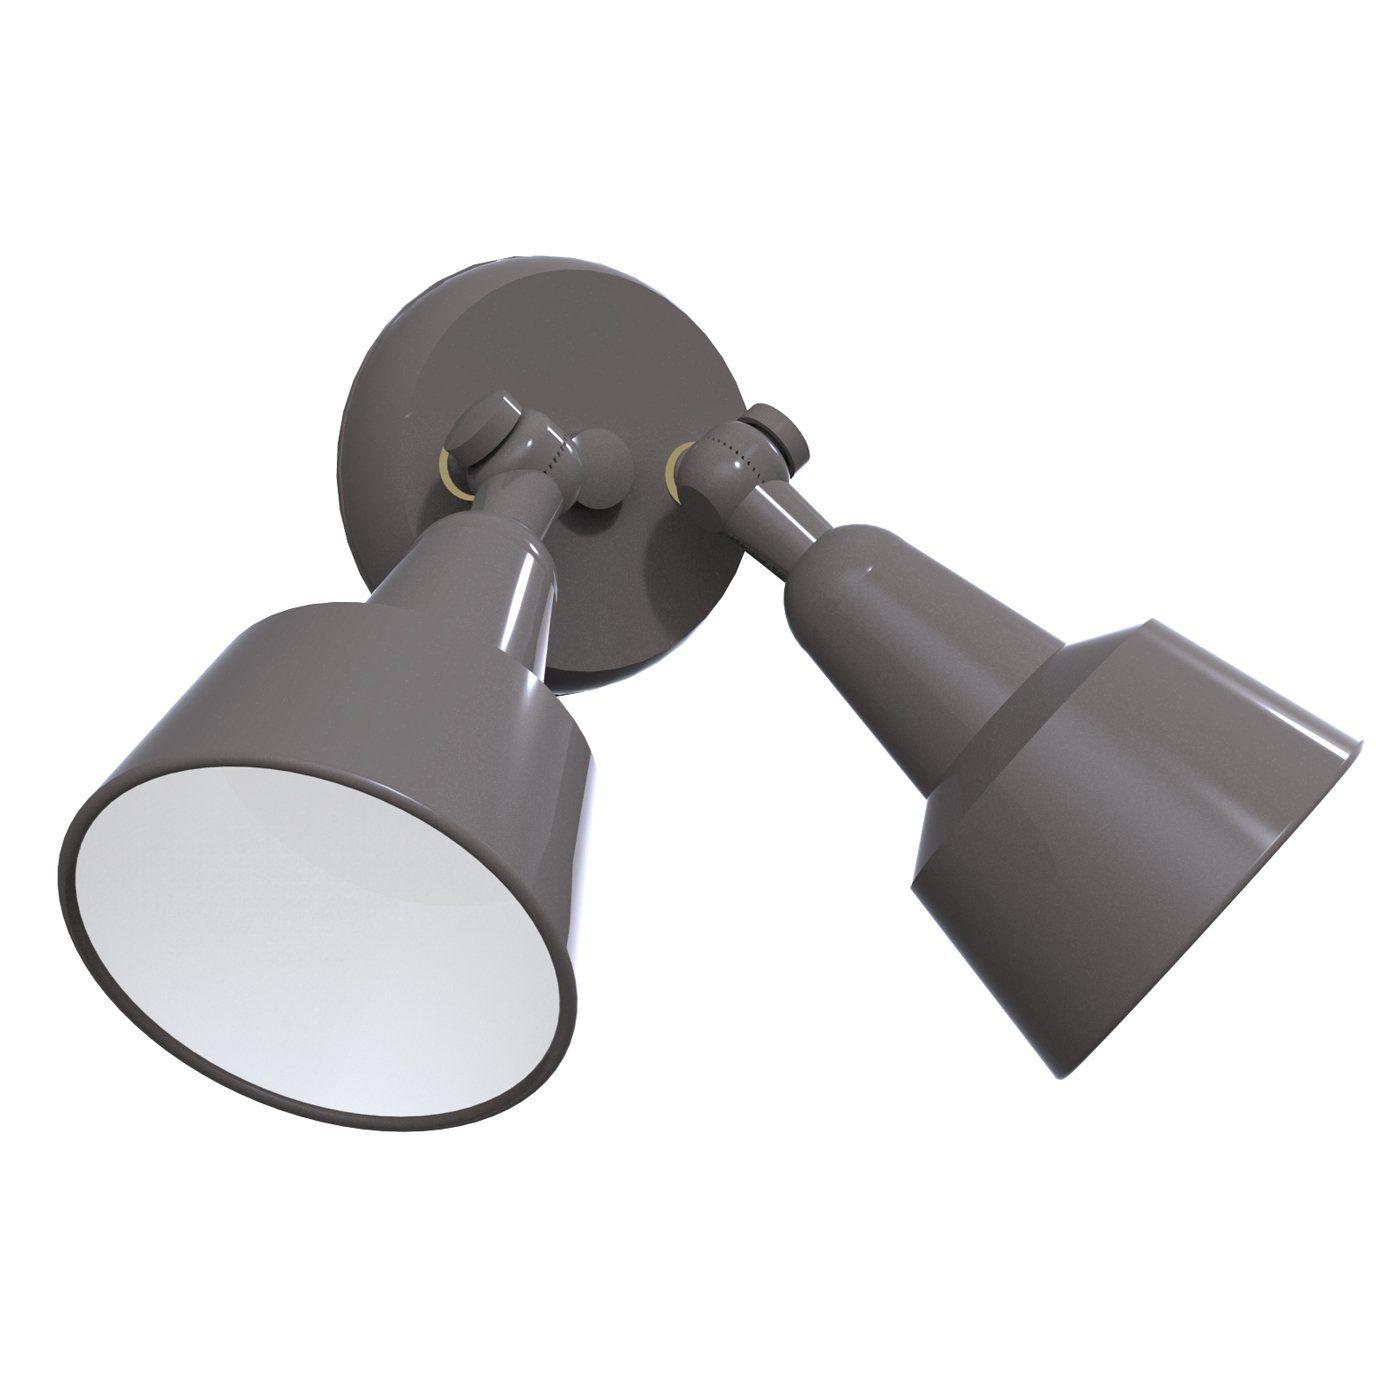 Remcraft Lighting 203 2 Light Accent Double Swedish Modern Bullet ... for Ceiling Double Spot Light  285eri